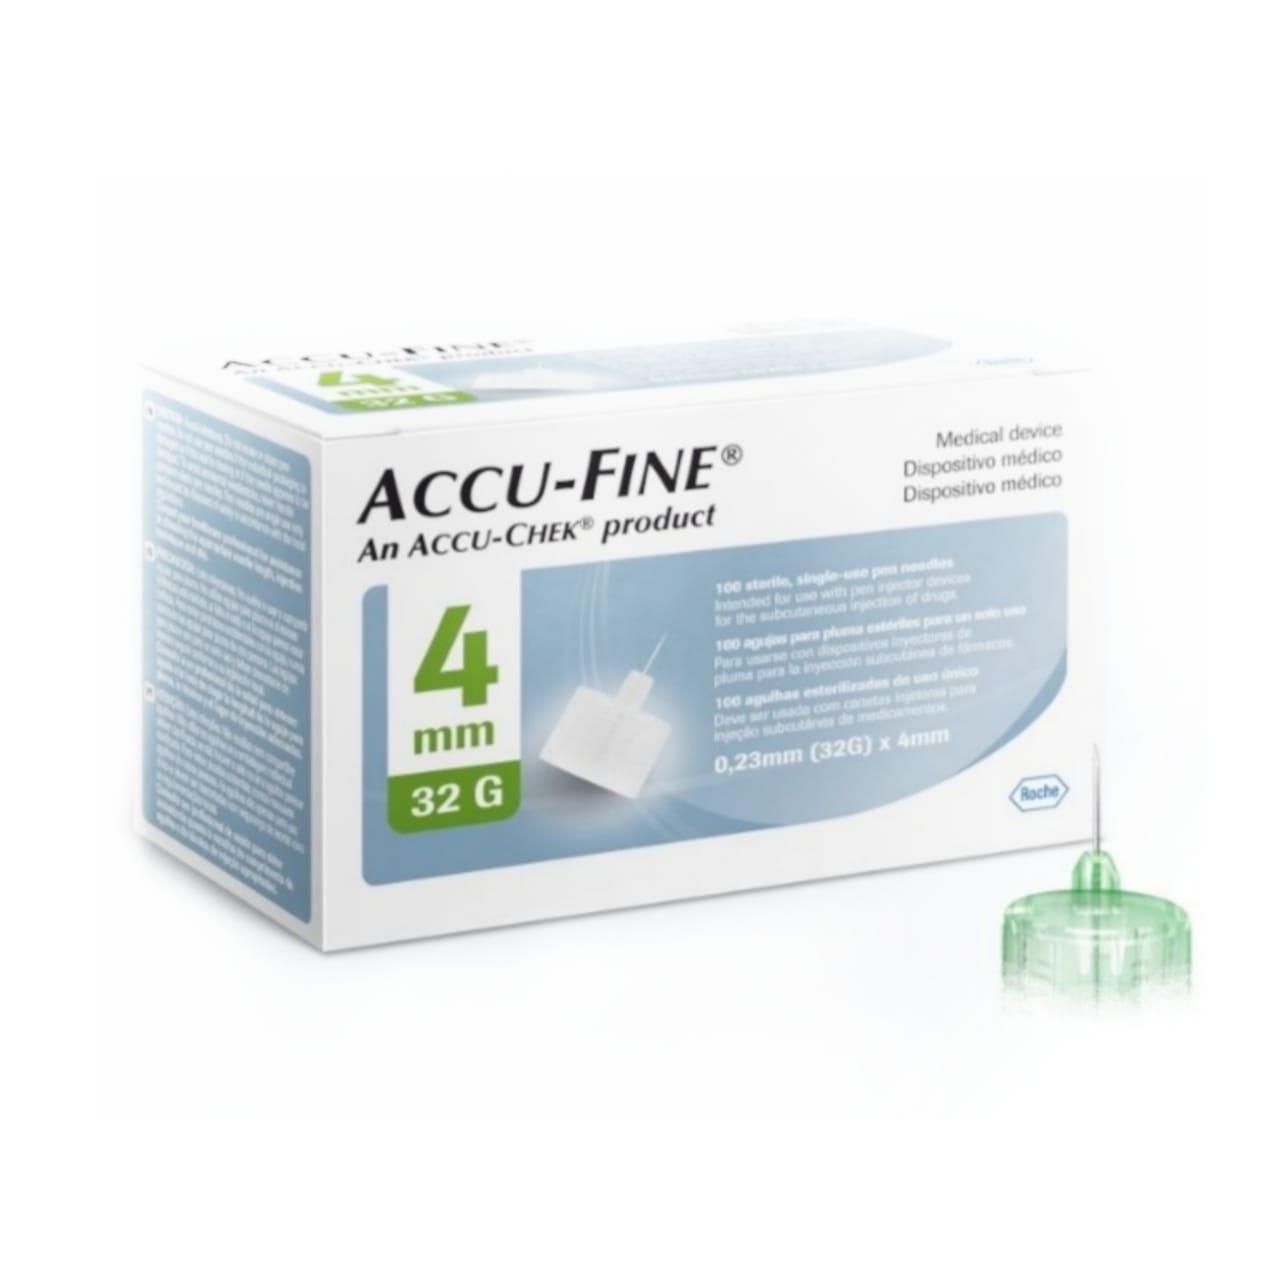 Accu-Fine 4mm com 100 agulhas para aplicação de insulina  - Diabetes On - Vendido e Entregue por Diabetic Center